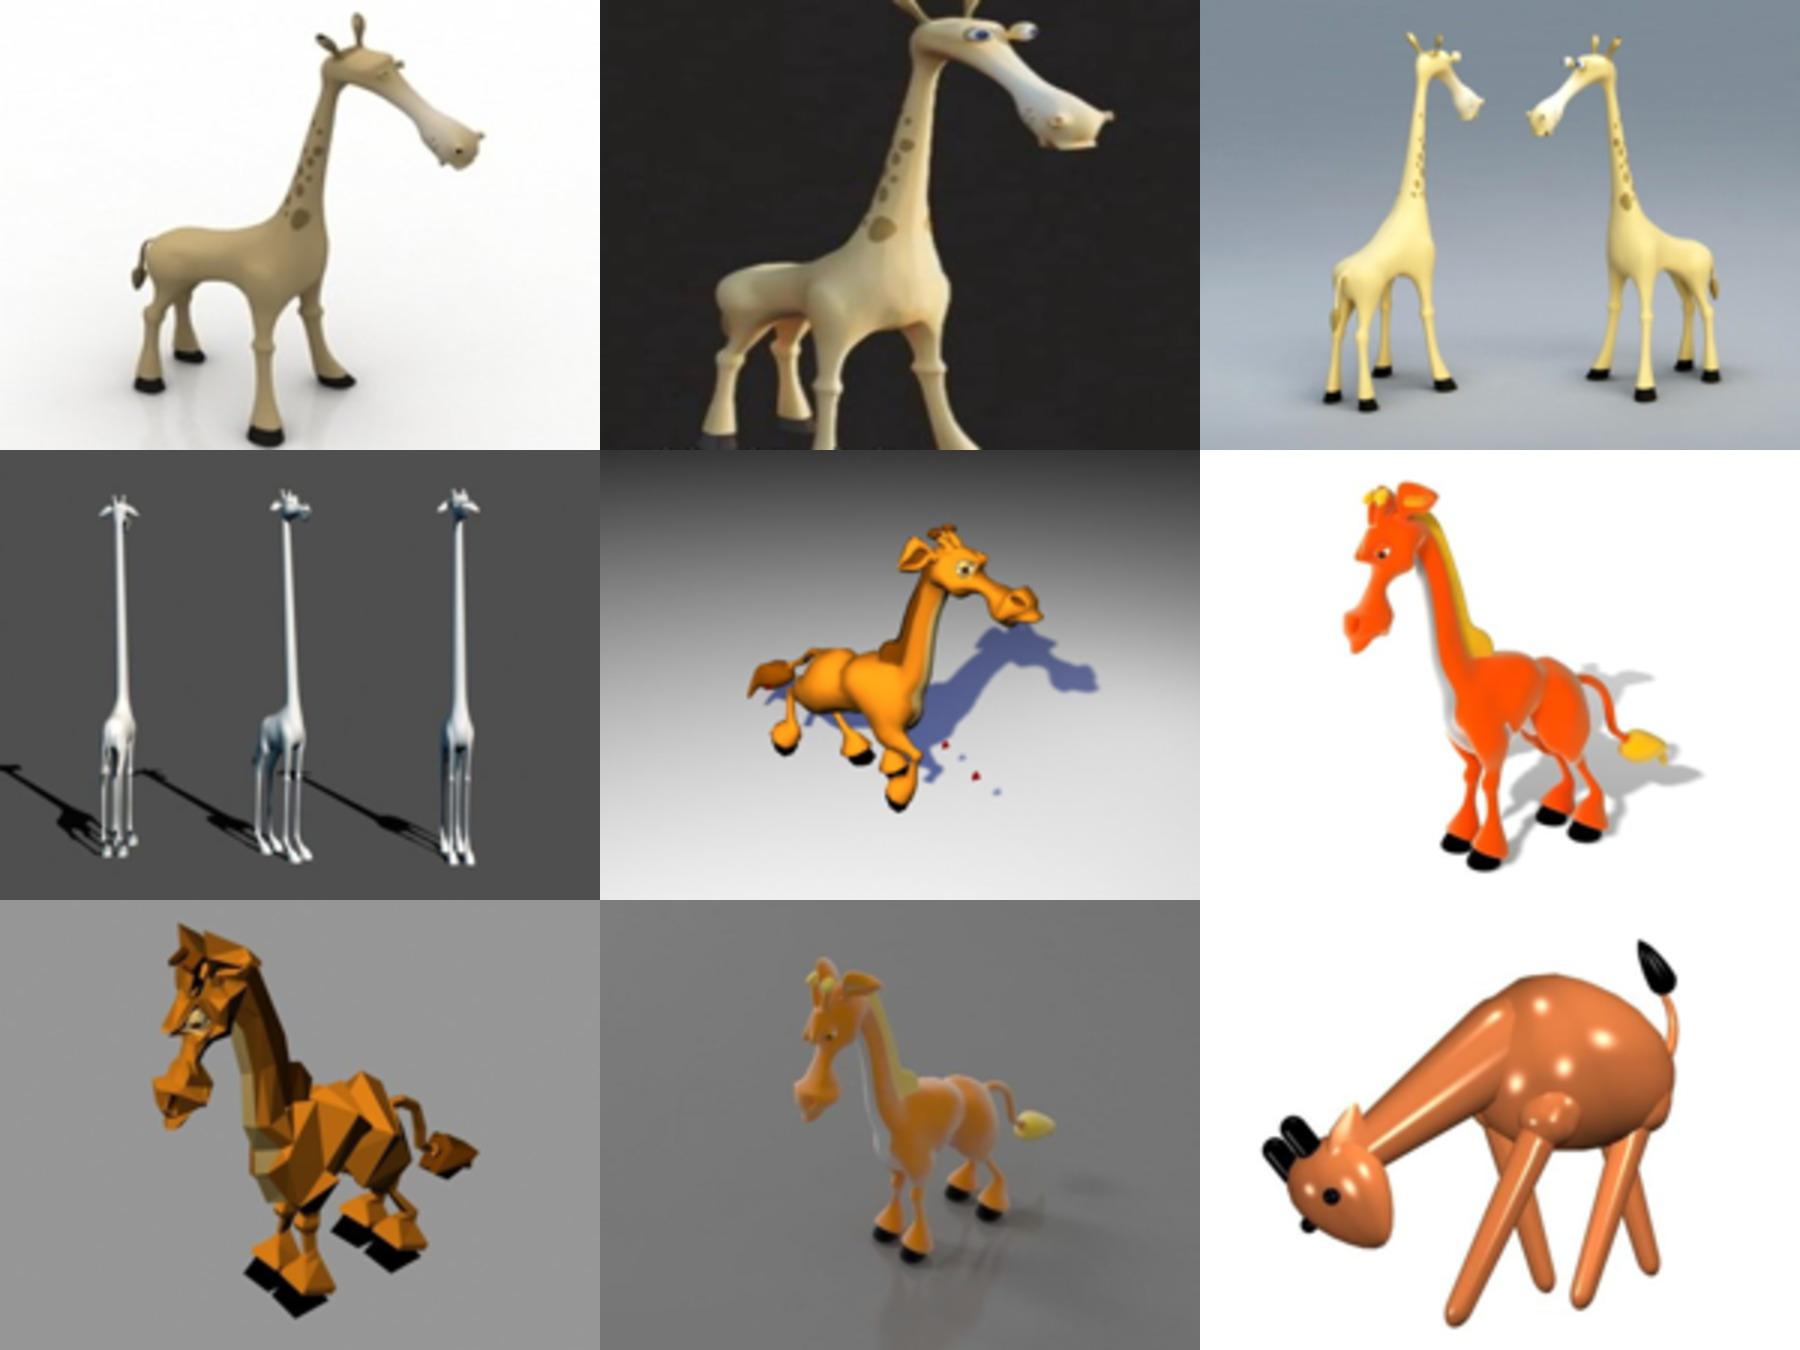 10 نماذج كرتون زرافة مجانية ثلاثية الأبعاد